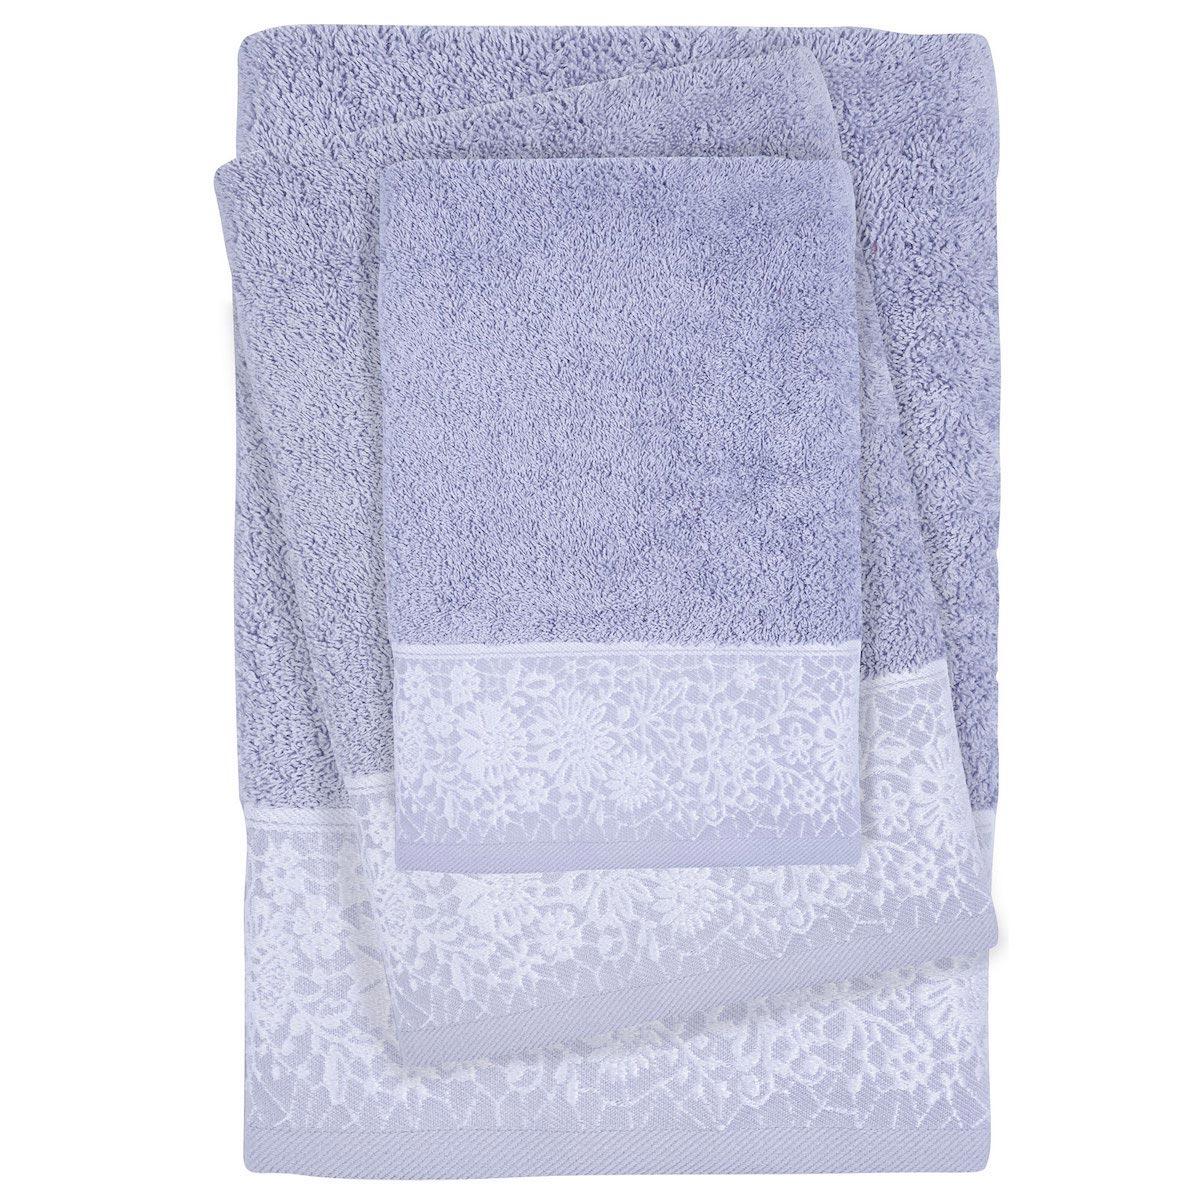 Πετσέτες Μπάνιου (Σετ 3τμχ) Das Home Daily Line 0434 Blue